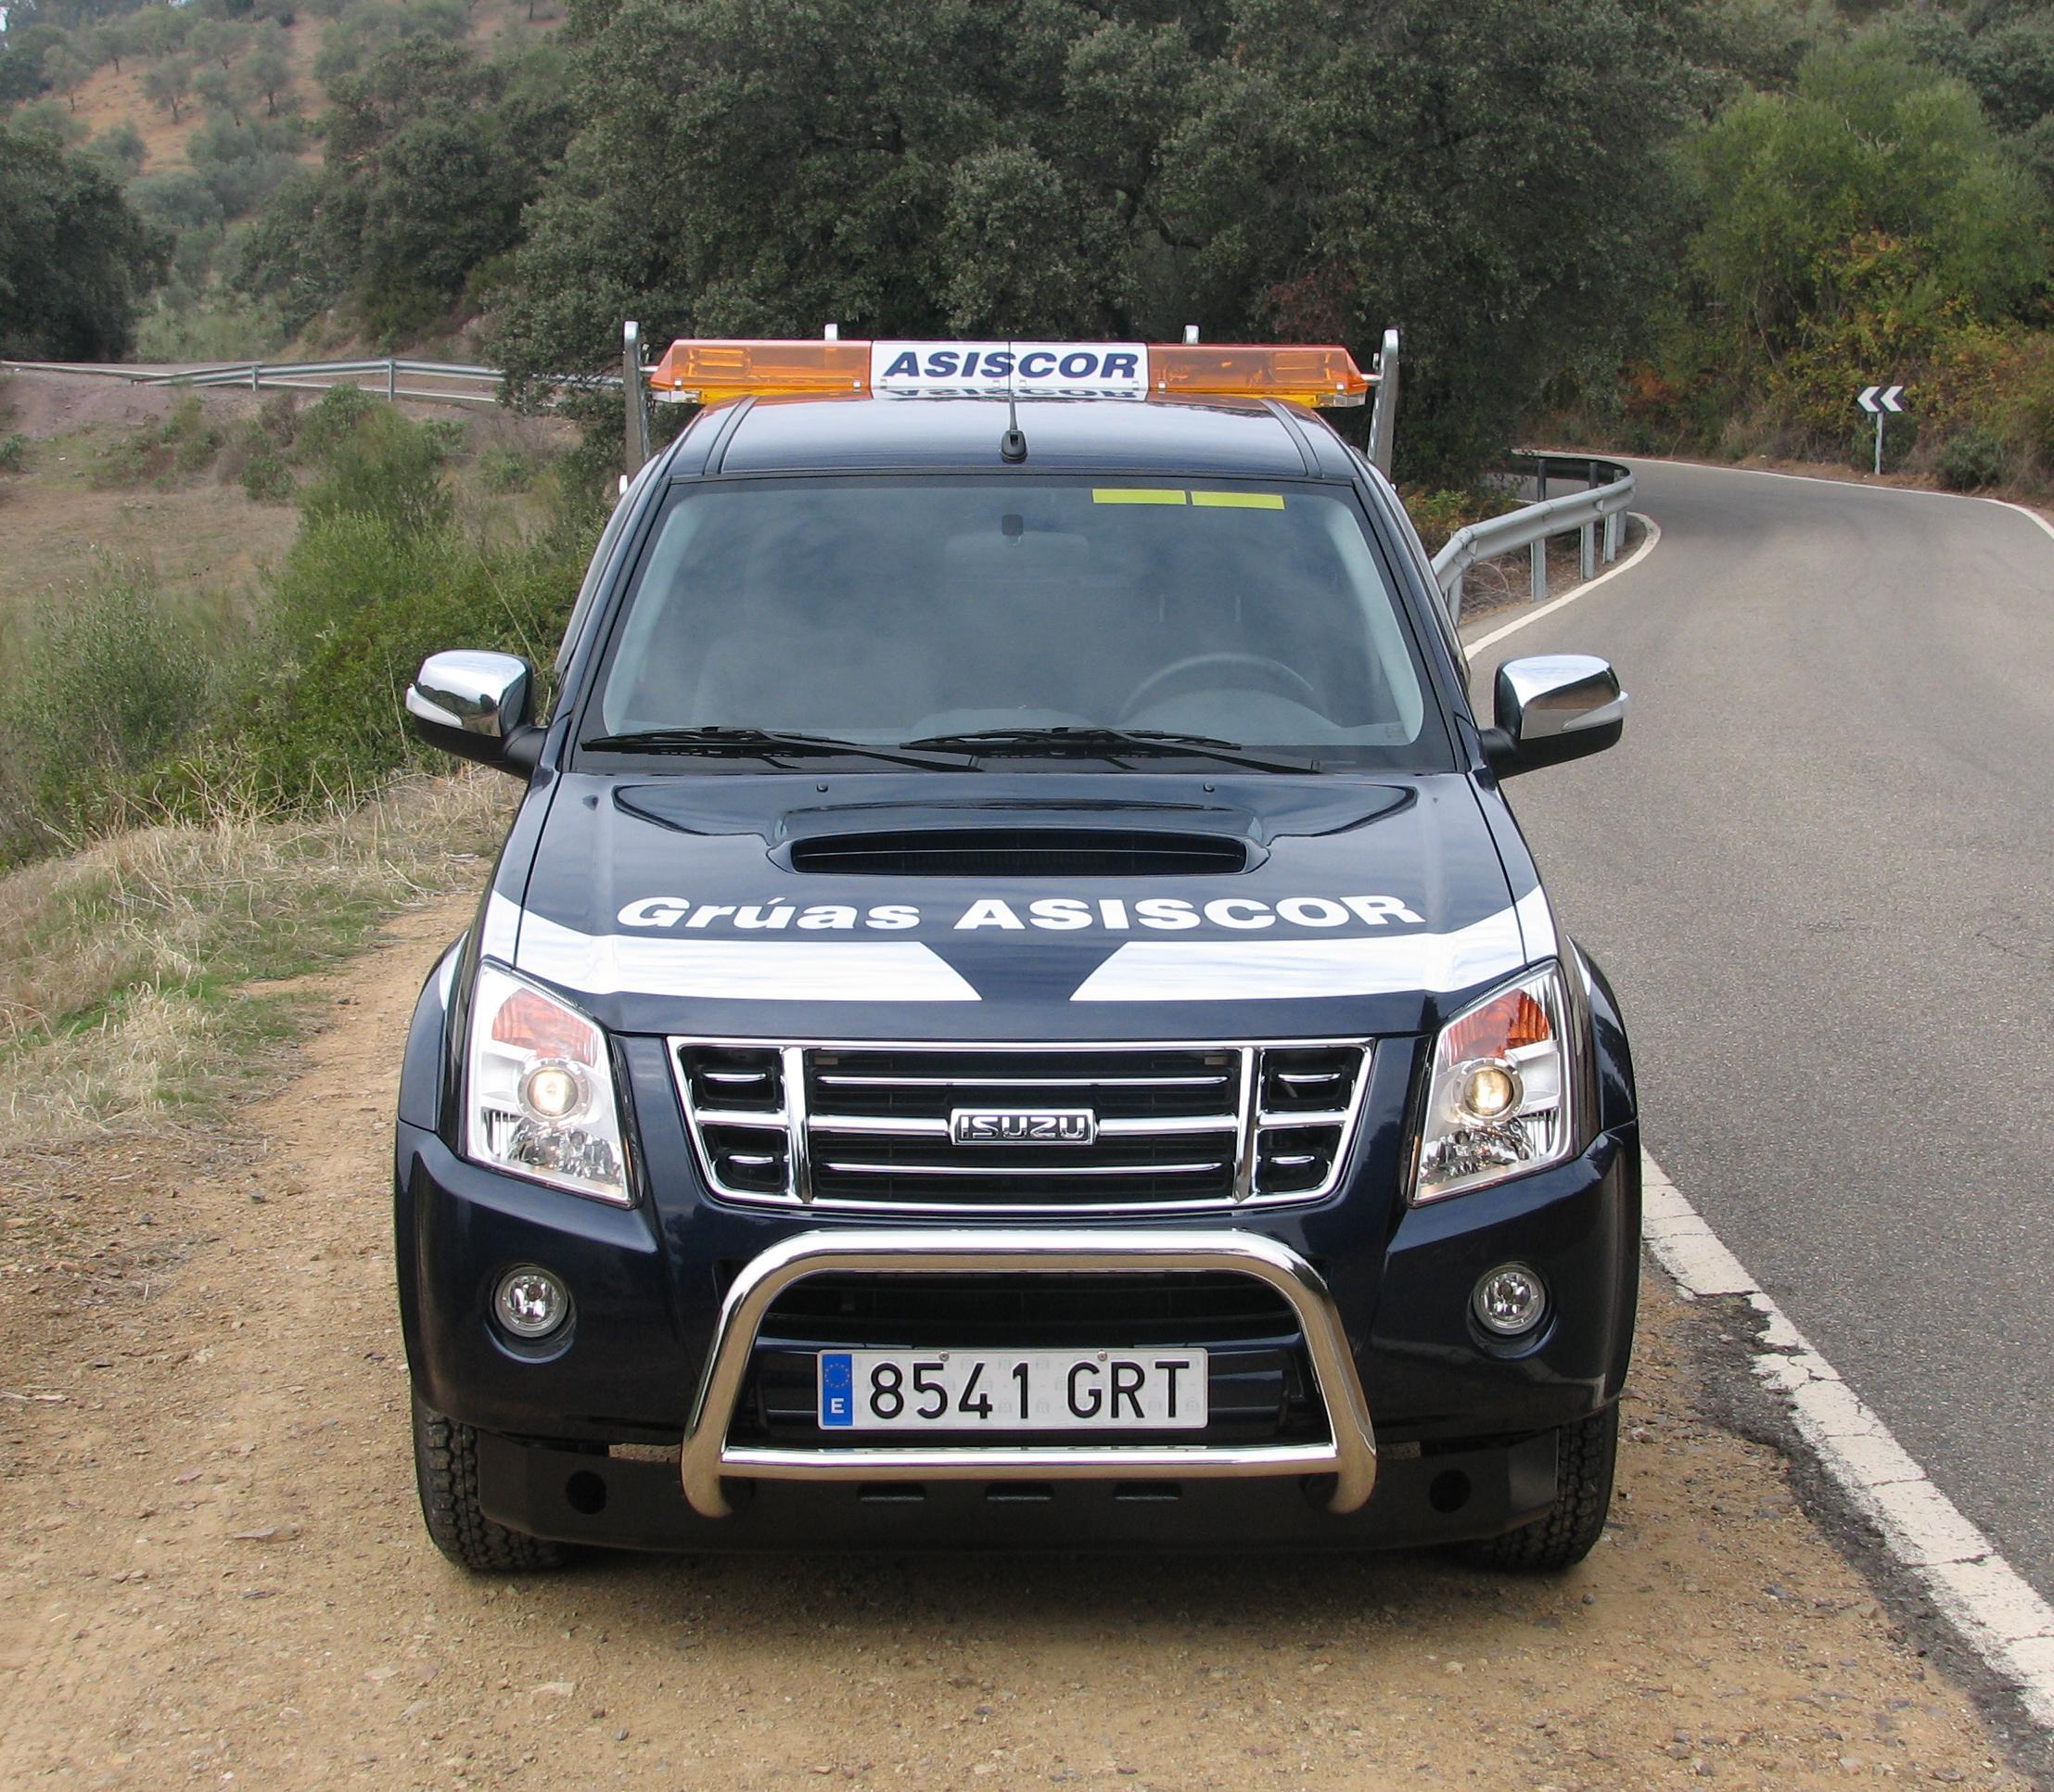 Grúa especial parking para vehículos automáticos bloqueados y vehículos cerrados